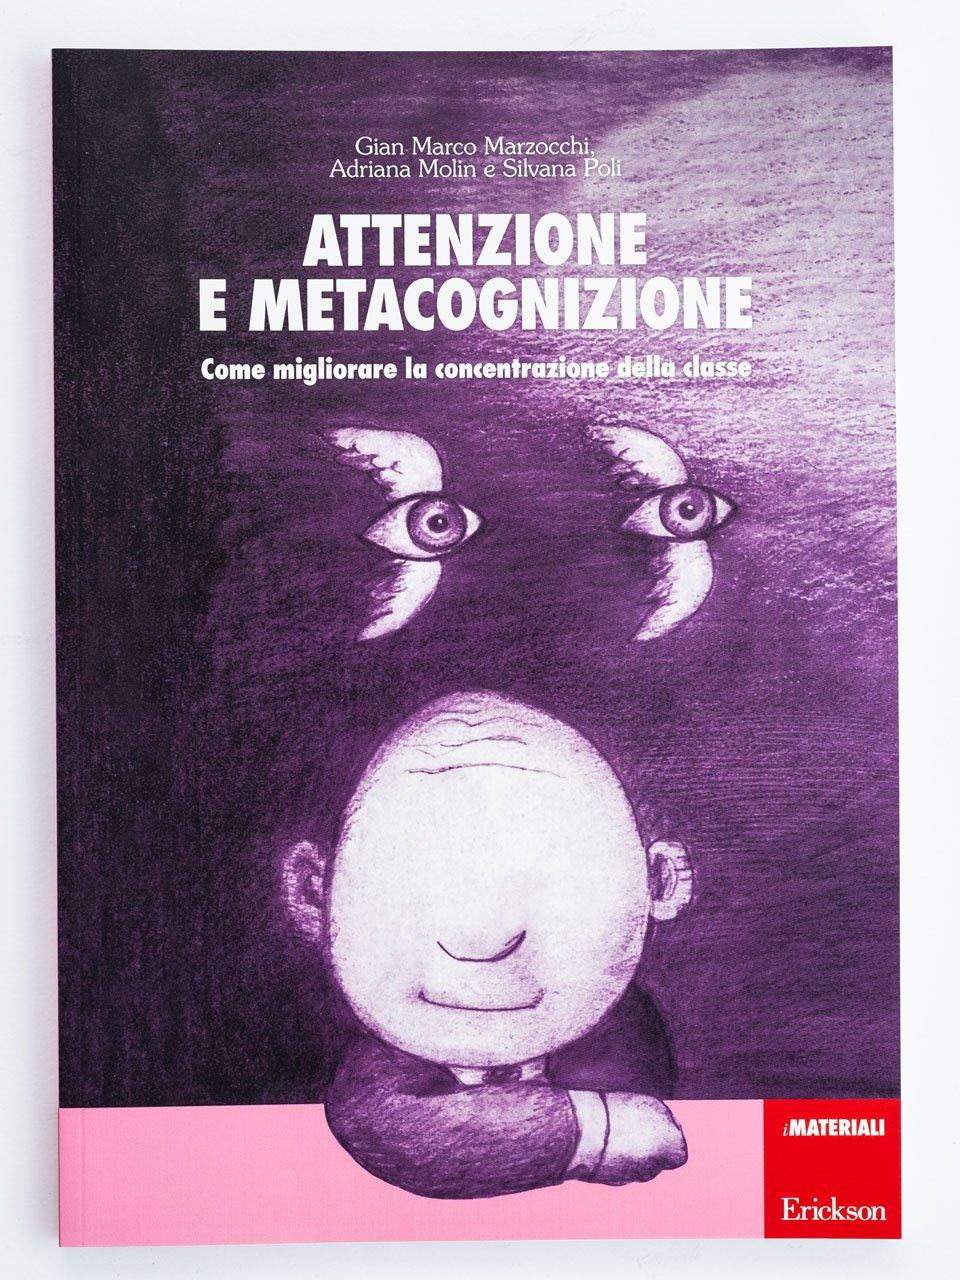 Attenzione e metacognizione - Adriana Molin - Erickson